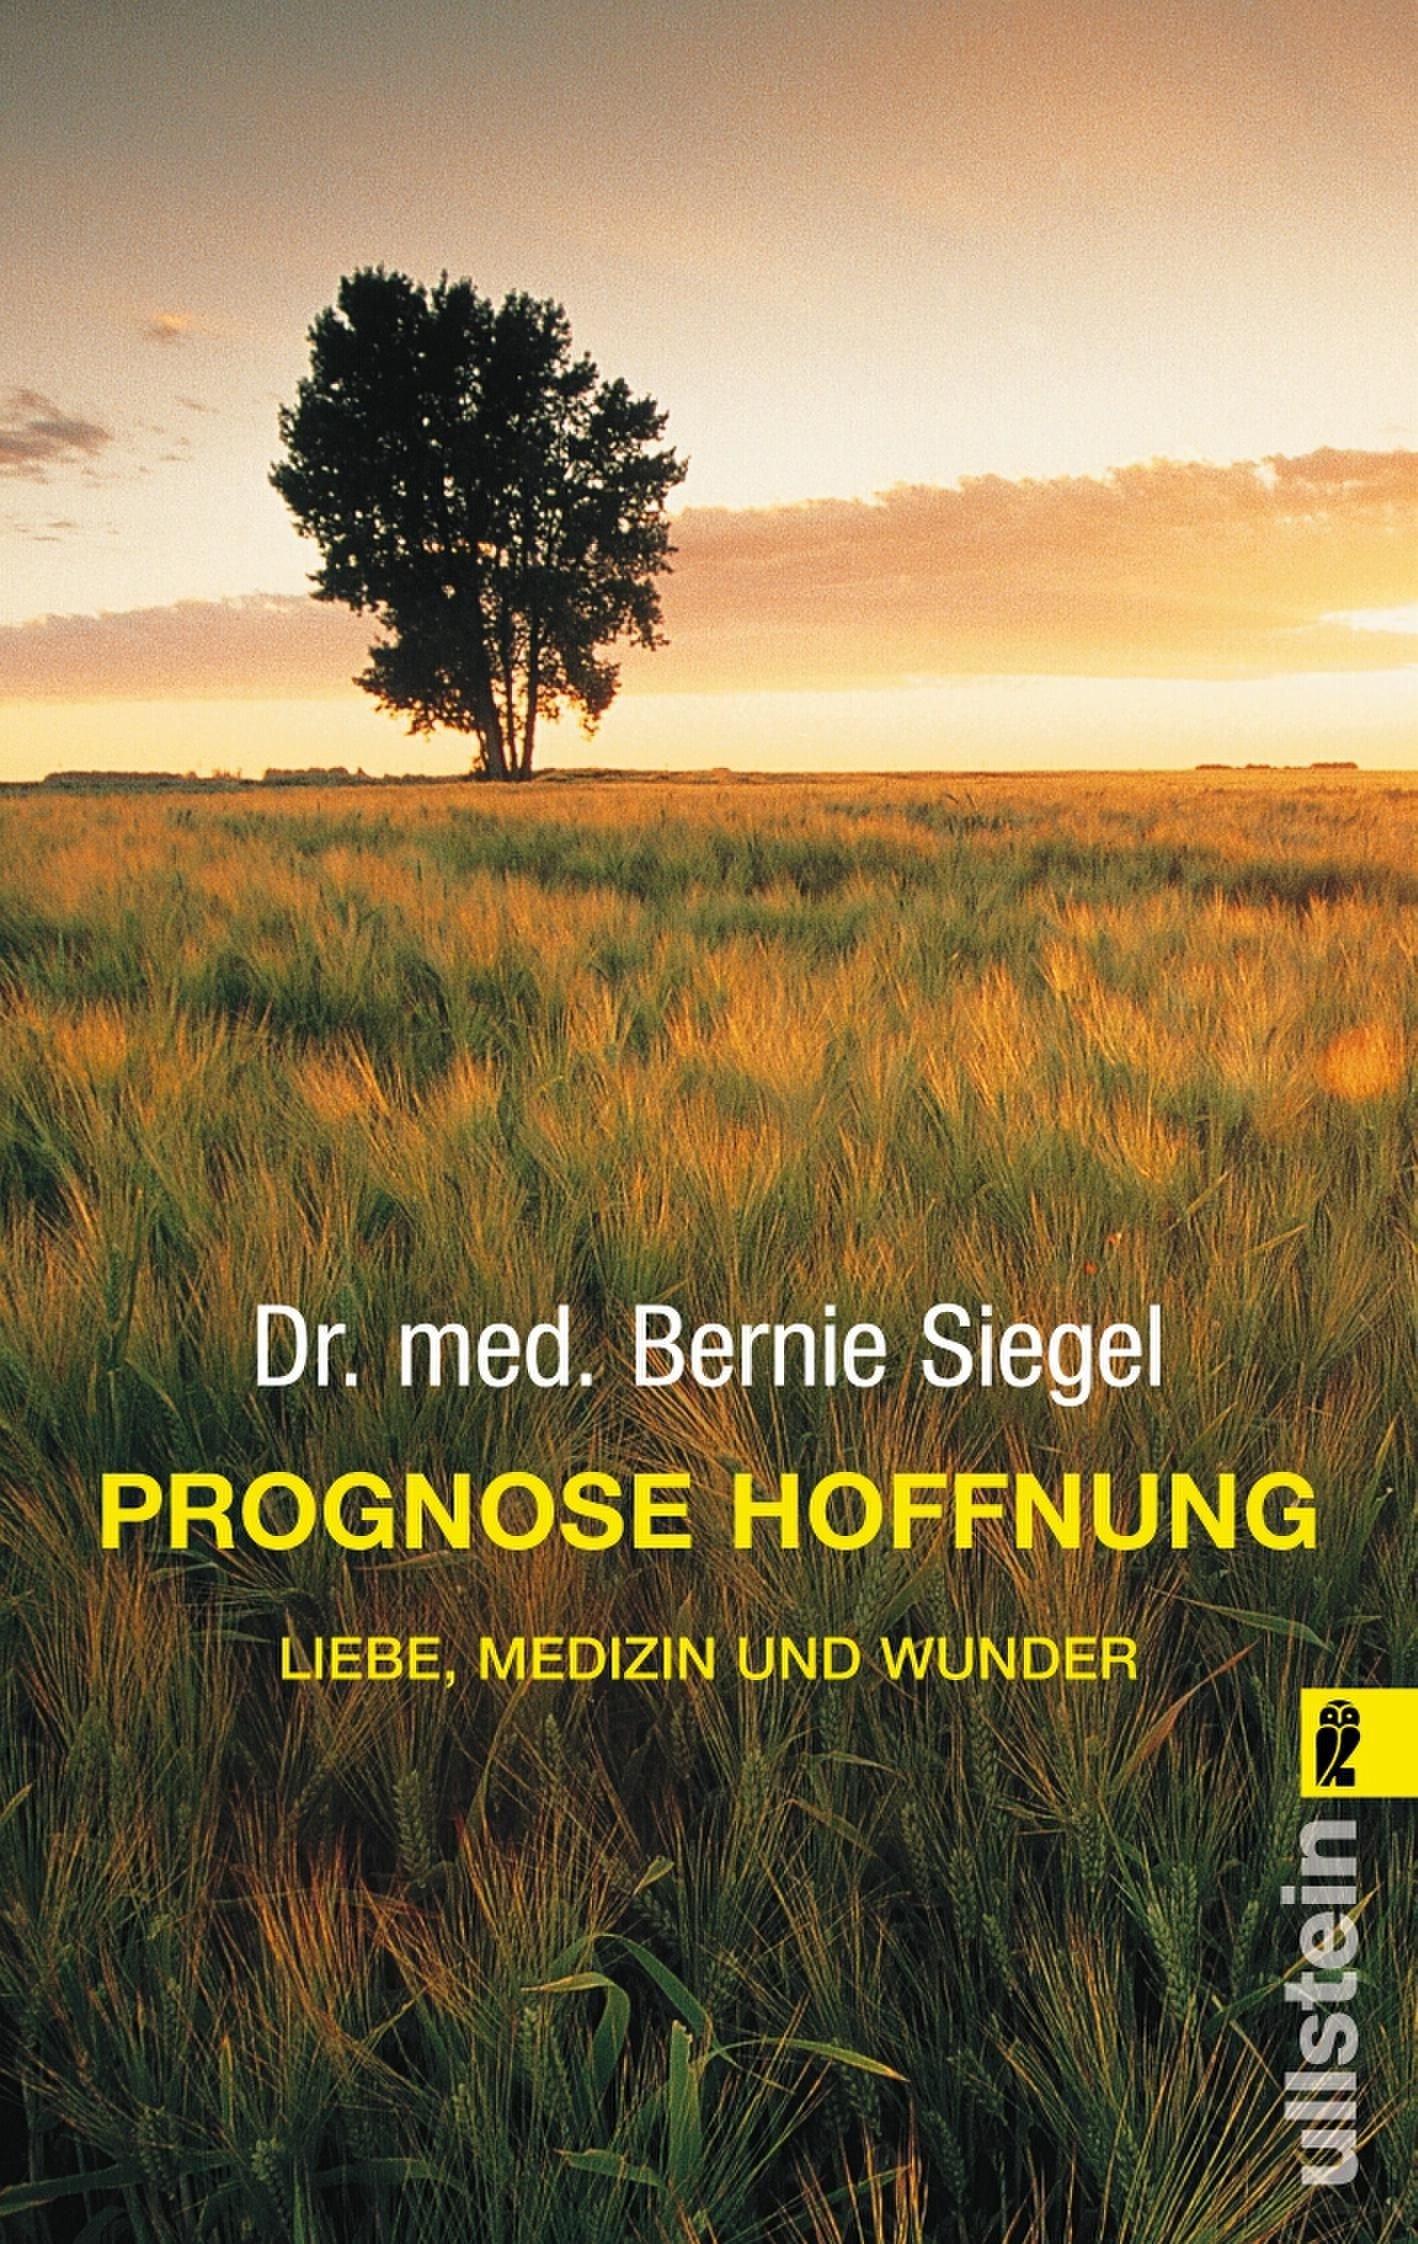 Prognose Hoffnung: Liebe, Medizin und Wunder